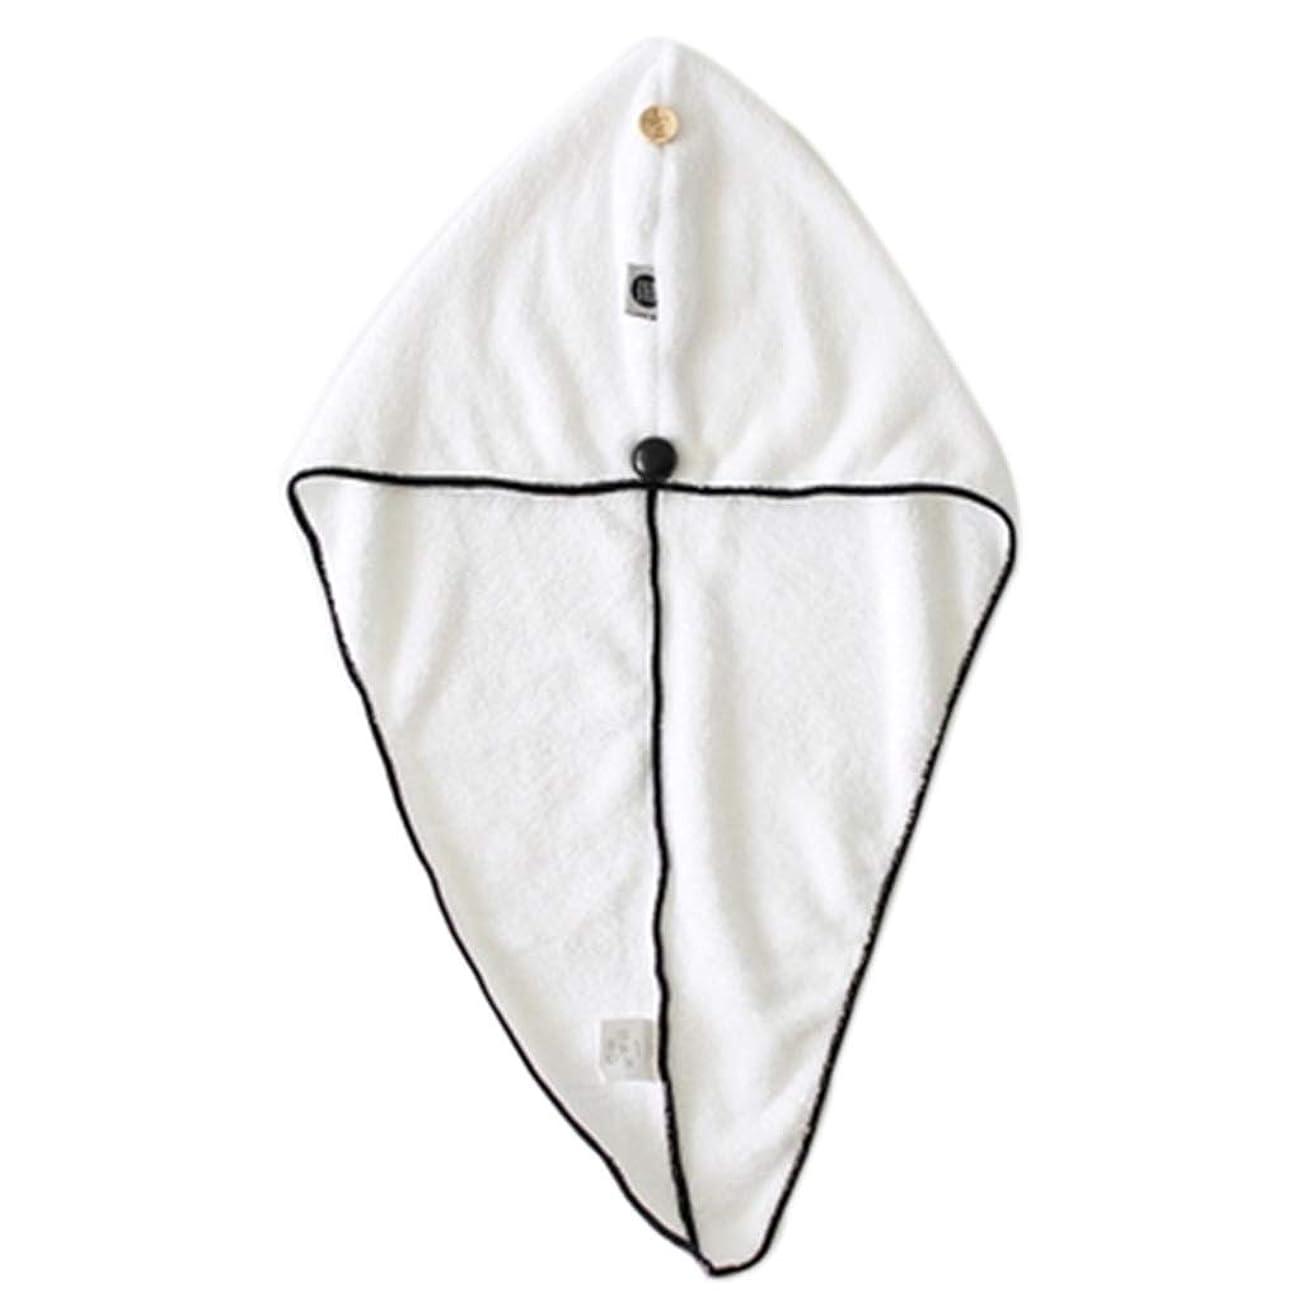 釈義フェローシップ軍団帽子厚い乾いたヘアキャップ超吸収性シャワーキャップボタン固定大人厚い吸収性シャワーキャップ乾いた髪アーティファクト速乾性フード (Color : WHITE, Size : 25*65CM)